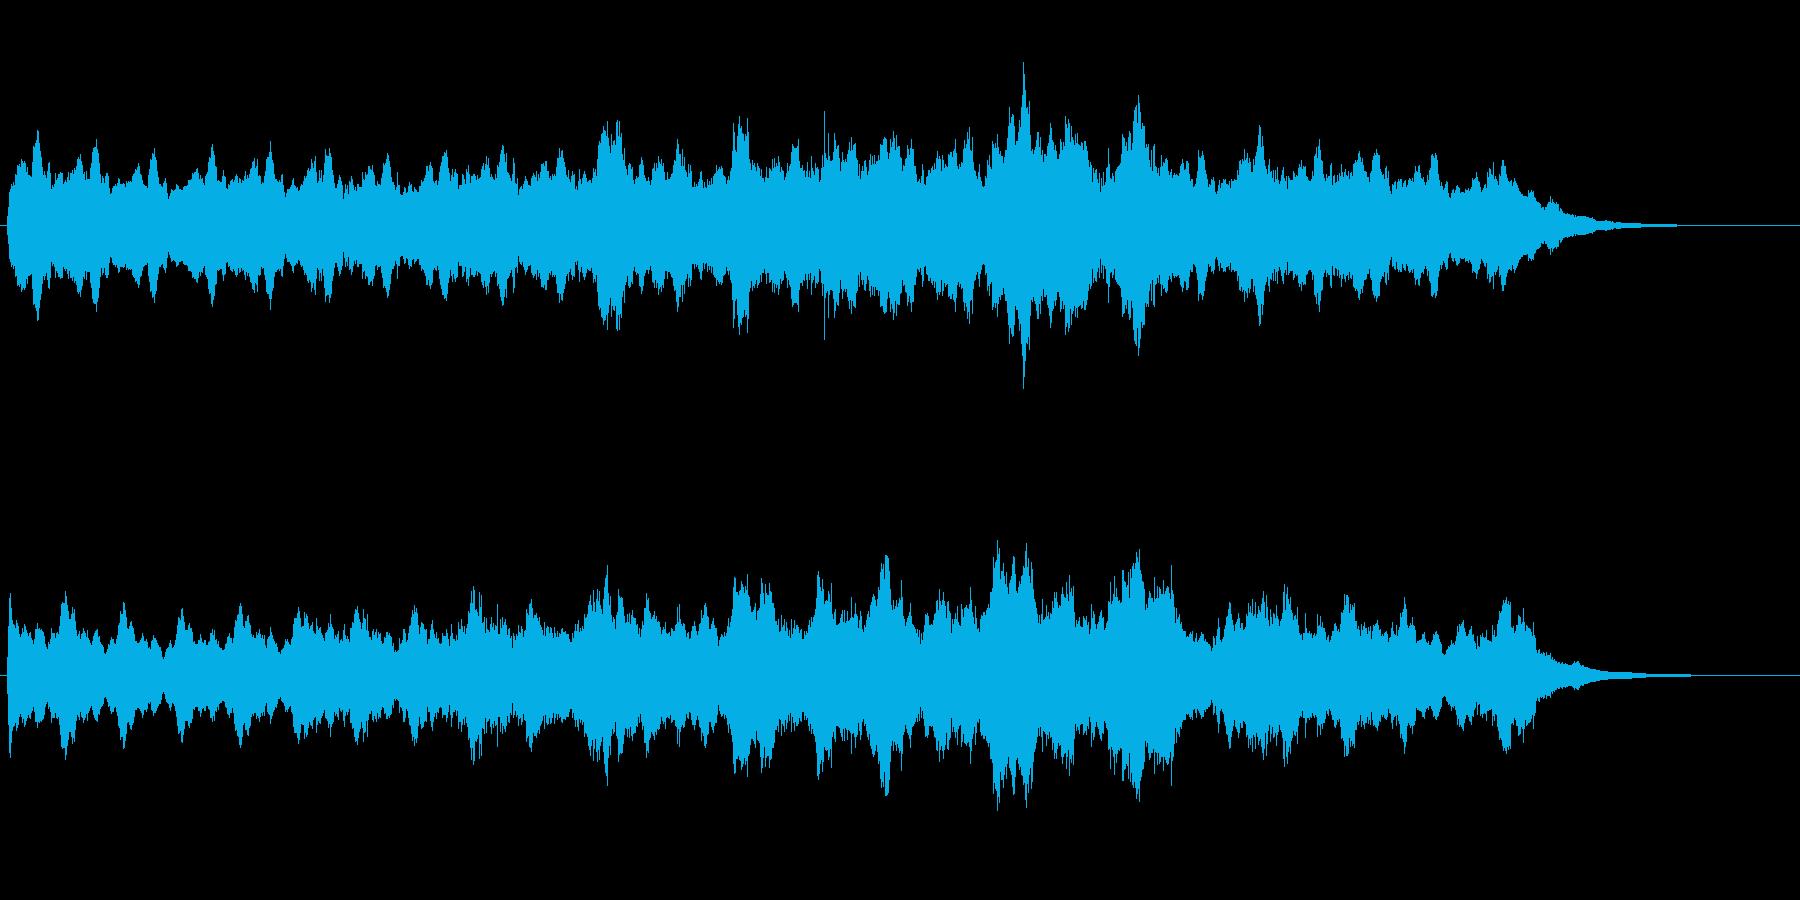 シンセを使ったホラー系BGM(1分+α)の再生済みの波形